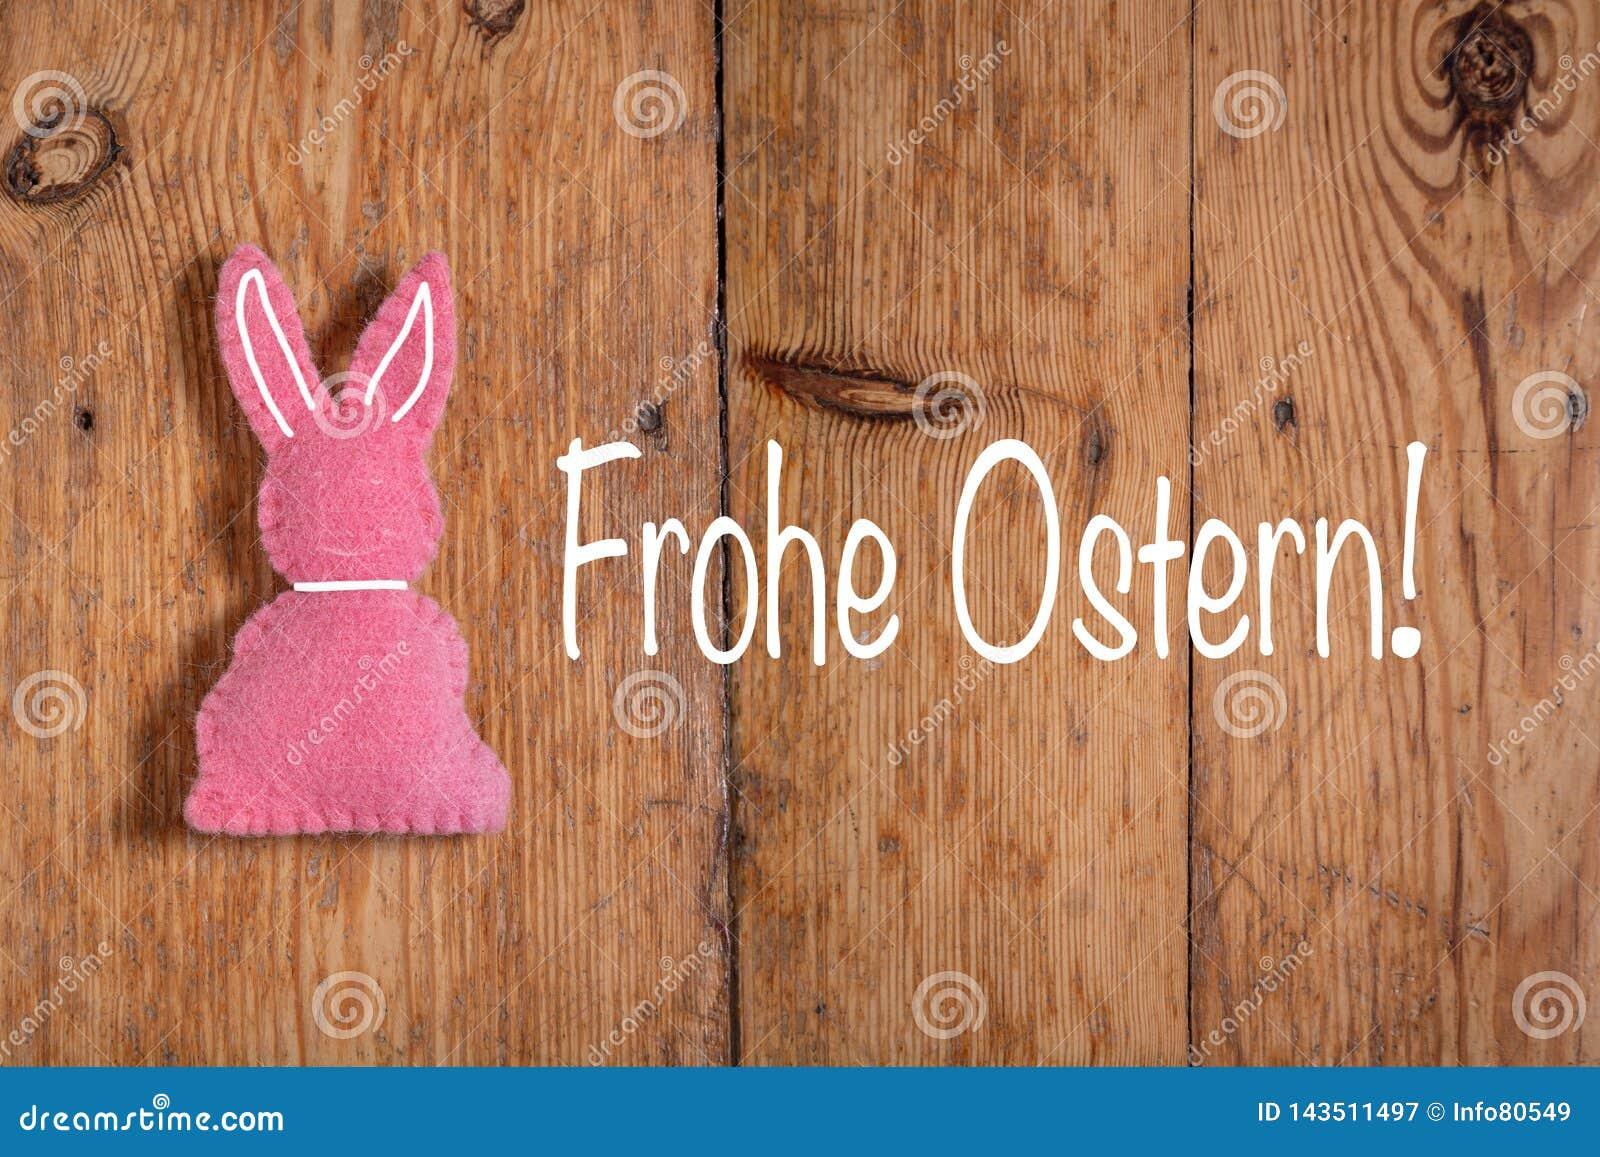 """Lapin de Pâques rose avec le texte """"Frohe Ostern """"et un fond en bois Traduction : """"Joyeuses Pâques """""""